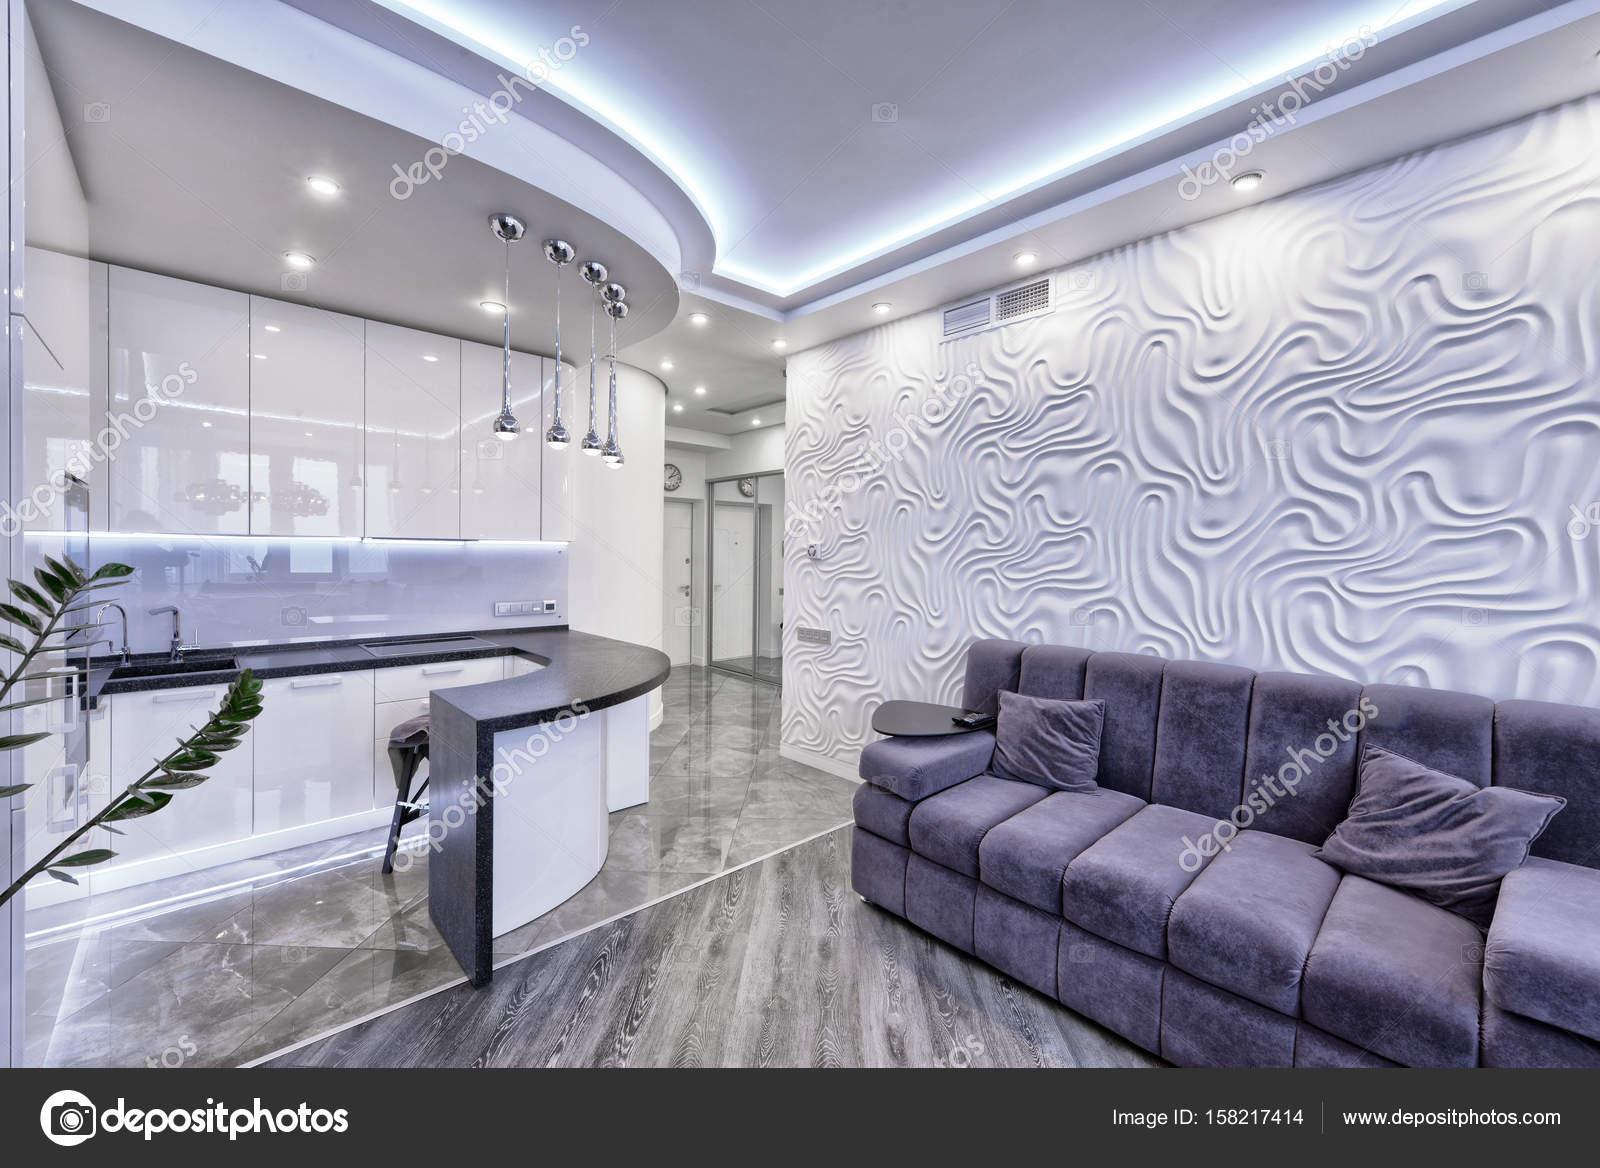 Design Hoogglans Keuken : Moderne design interieur kamer met witte hoogglans keuken in een